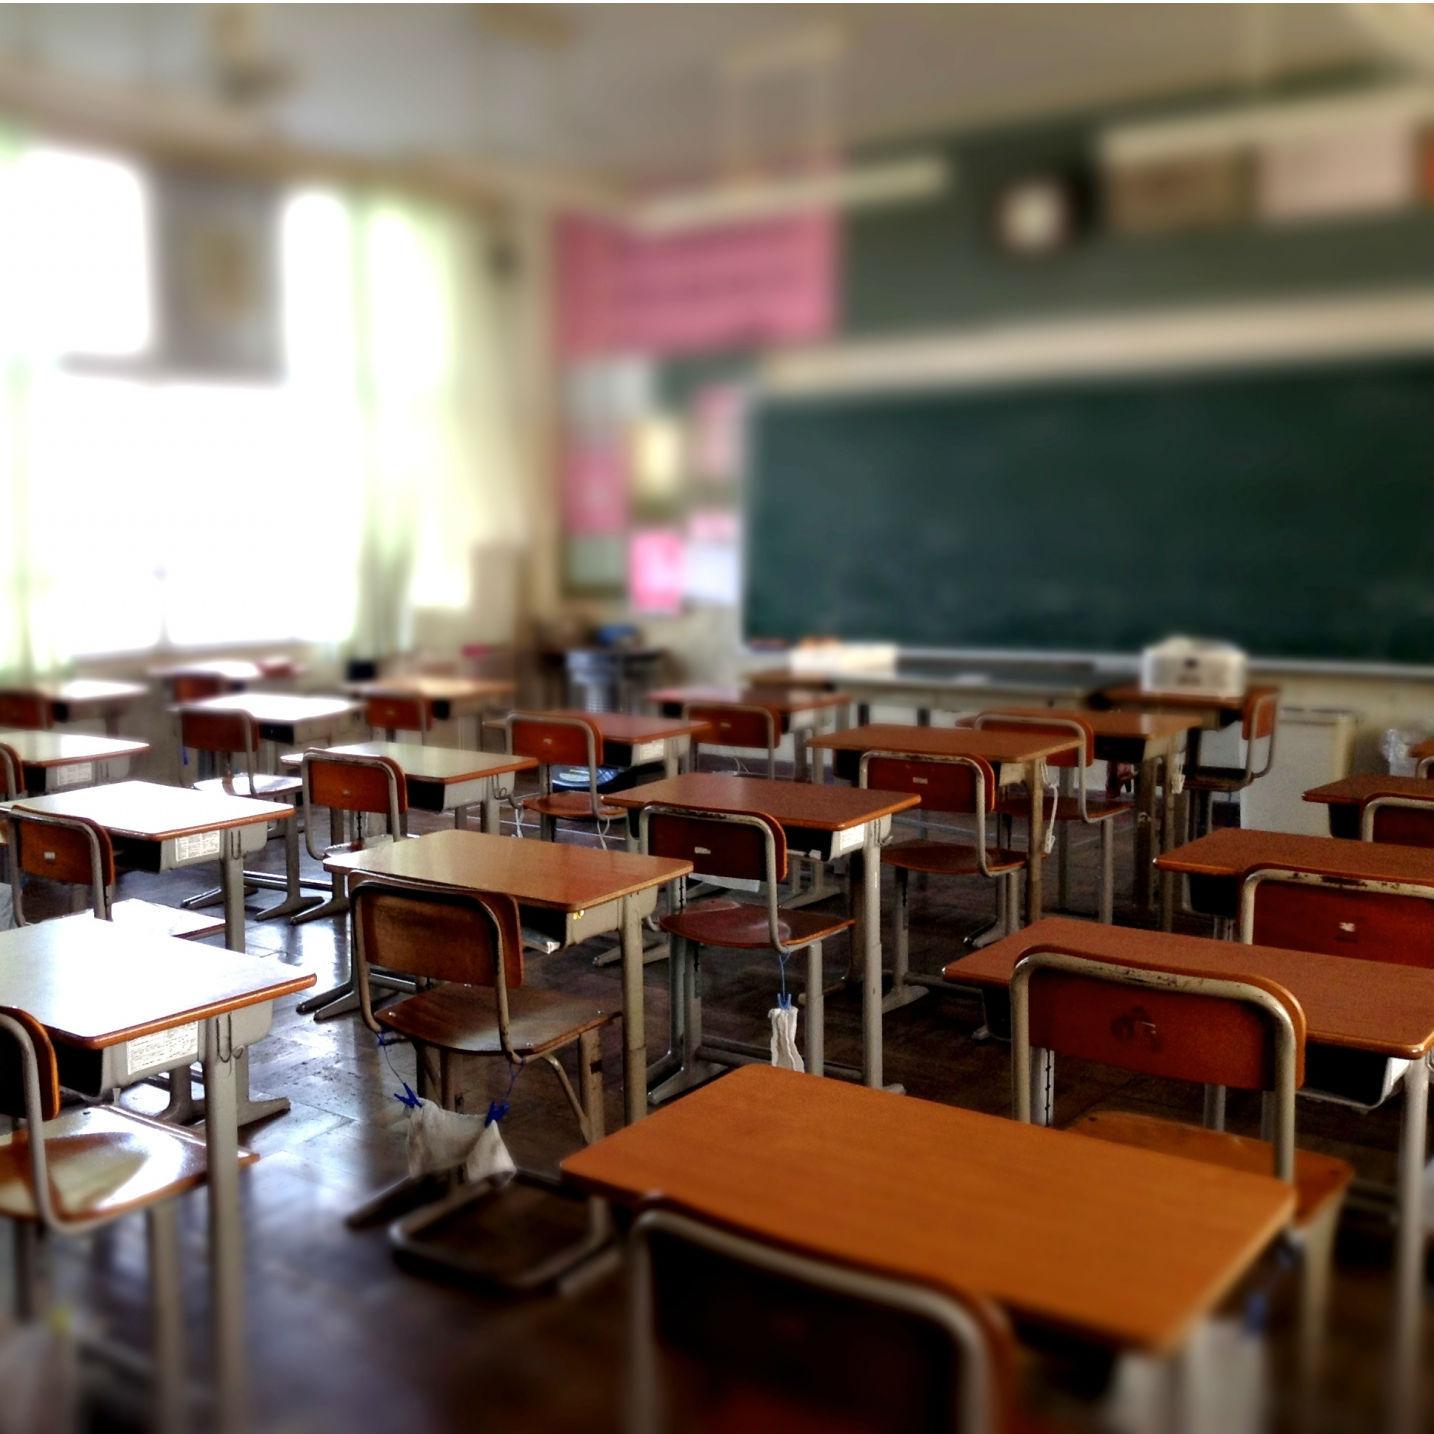 ベストセラー『残念な教員』にみる、教育界の危うさ